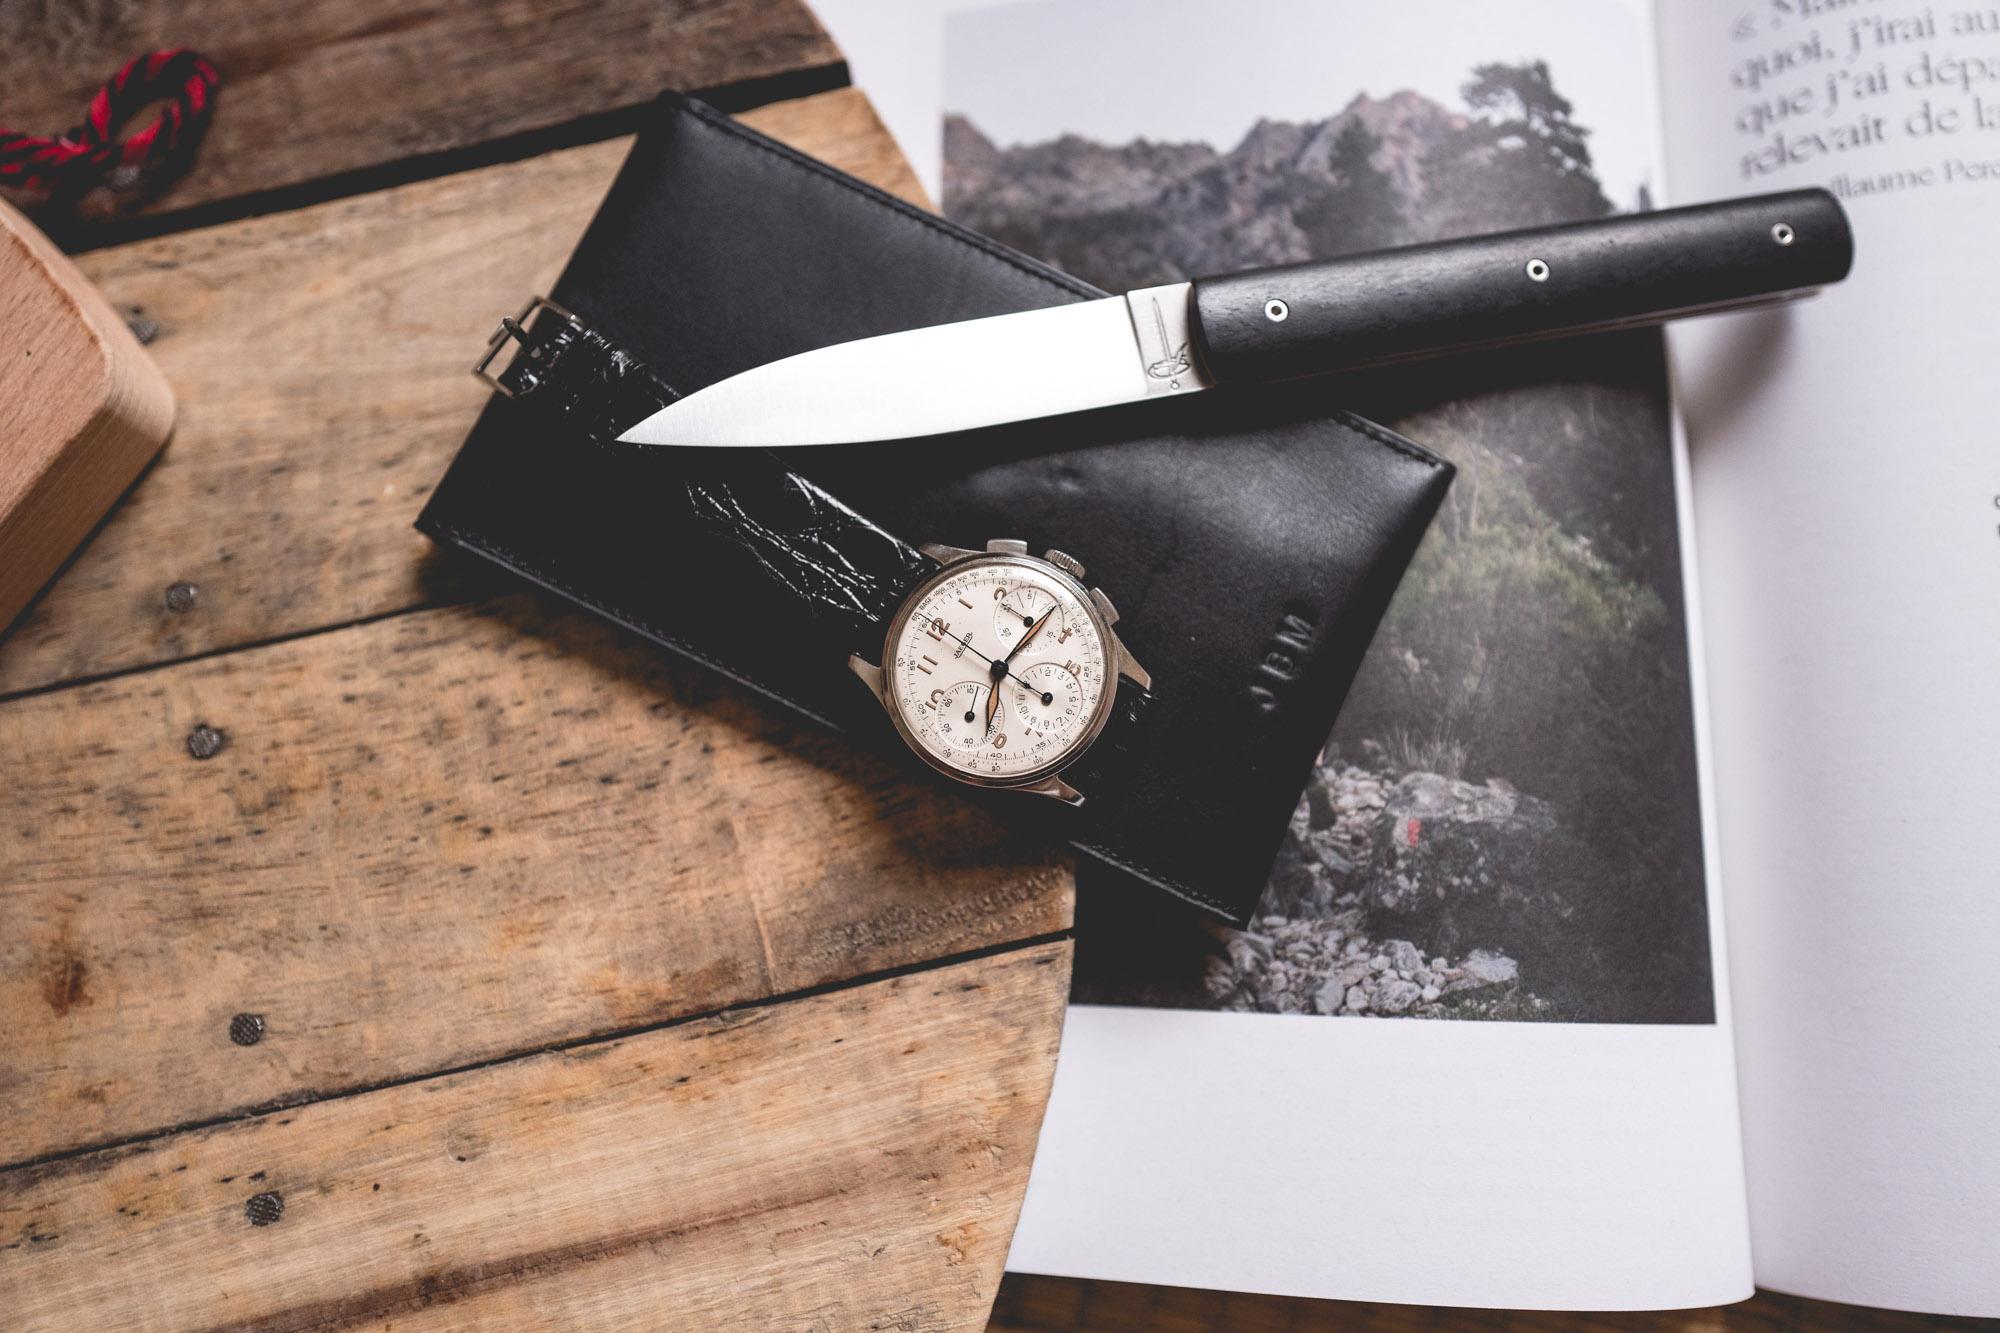 Chronographe Jaeger et couteau pliant Perceval en ébène